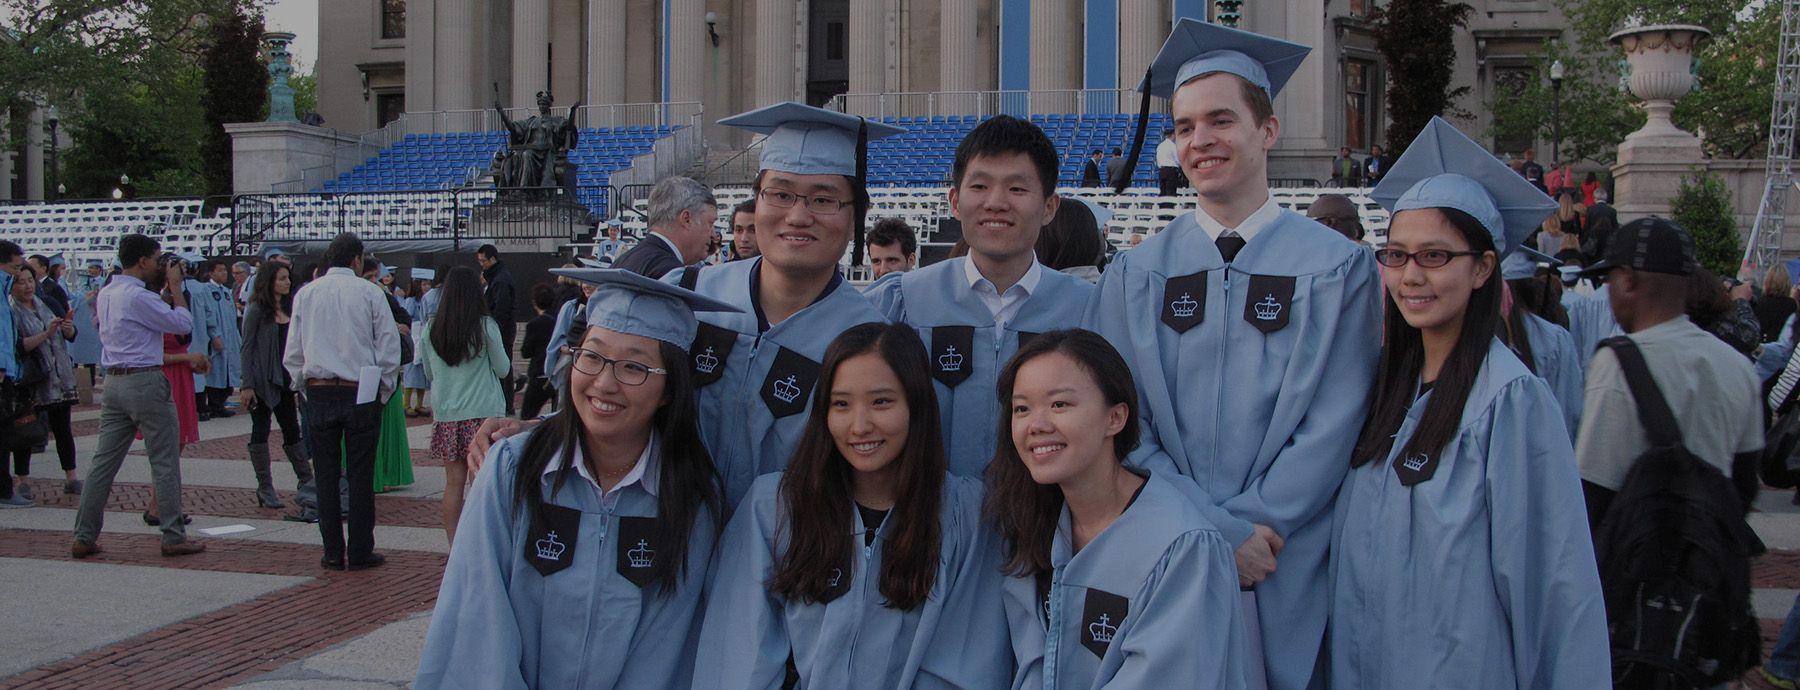 «Образование в Китае: перспективы и карьерные возможности». Фото - 3